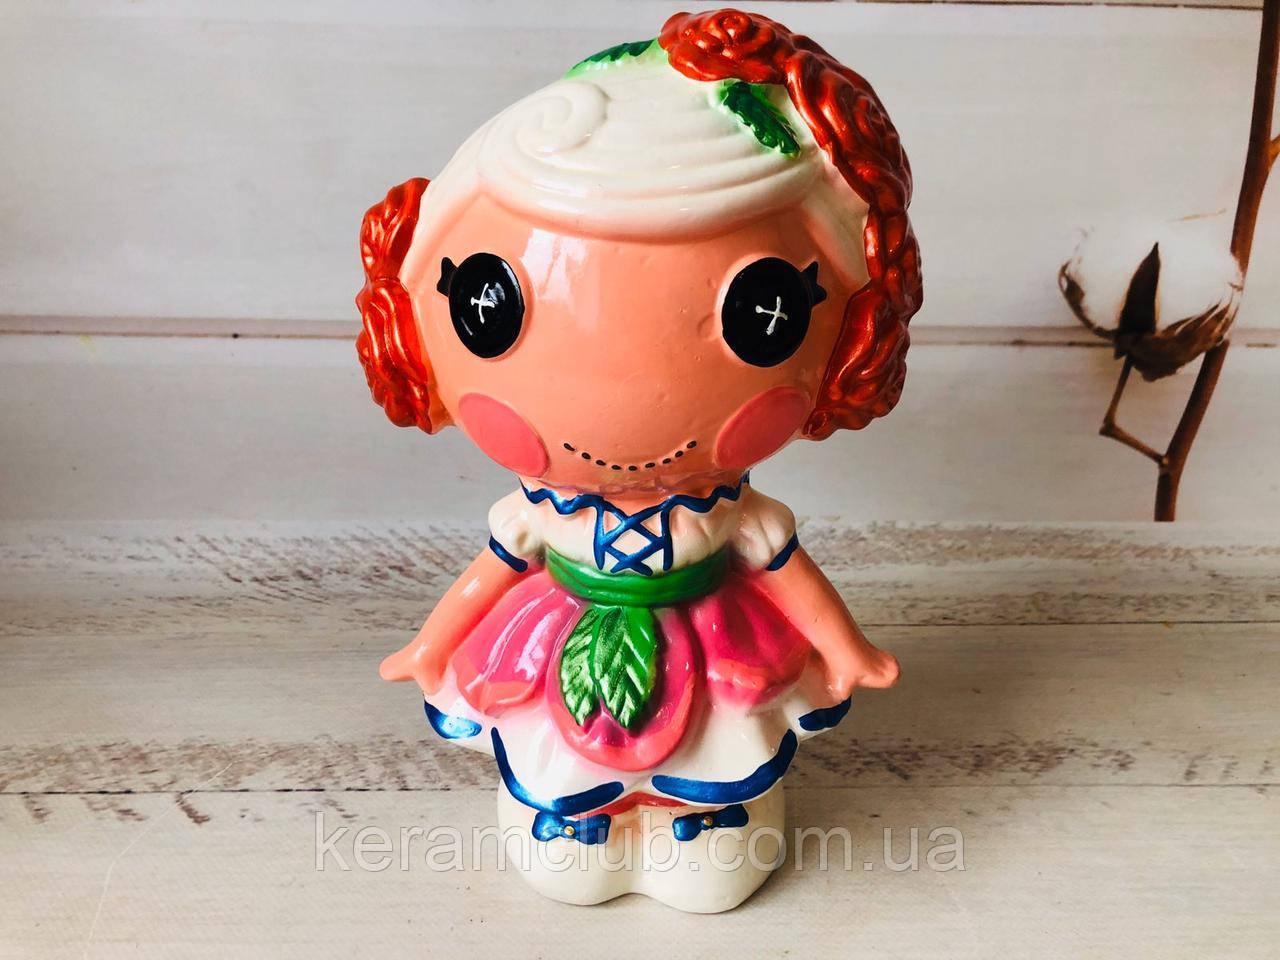 Копилка керамическая Кукла h 27 см